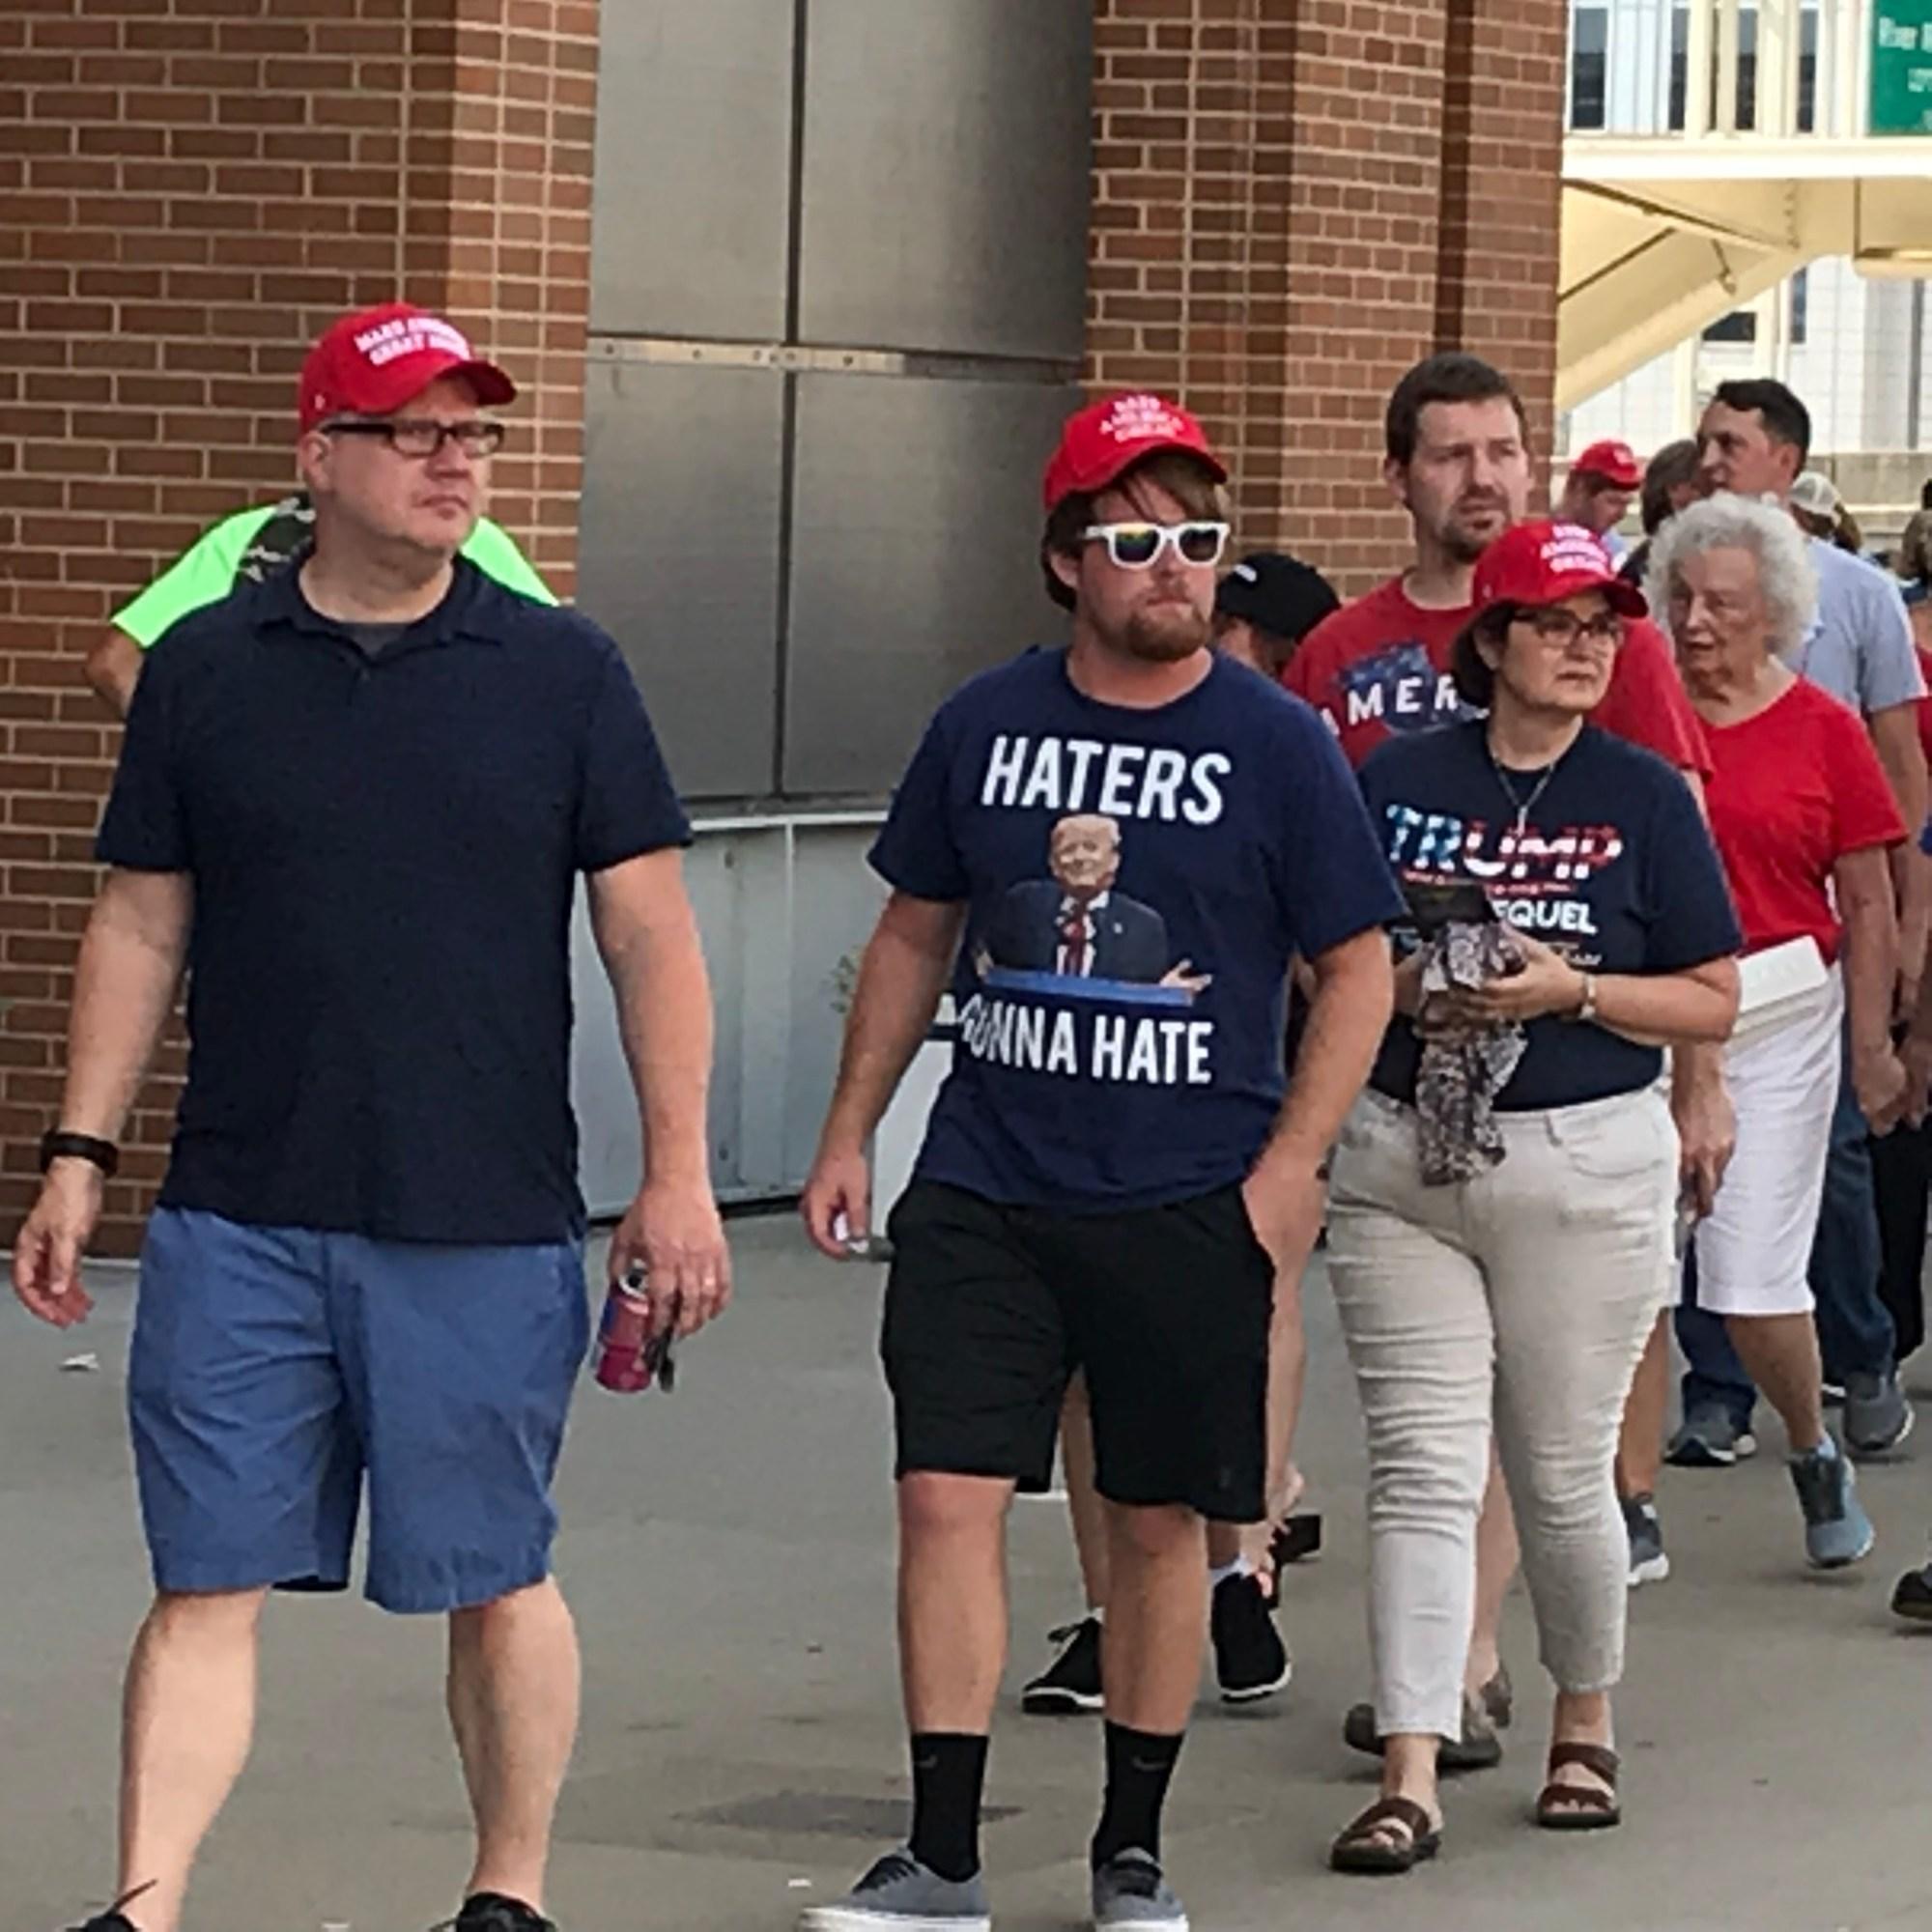 Sights at the Trump Rally 4